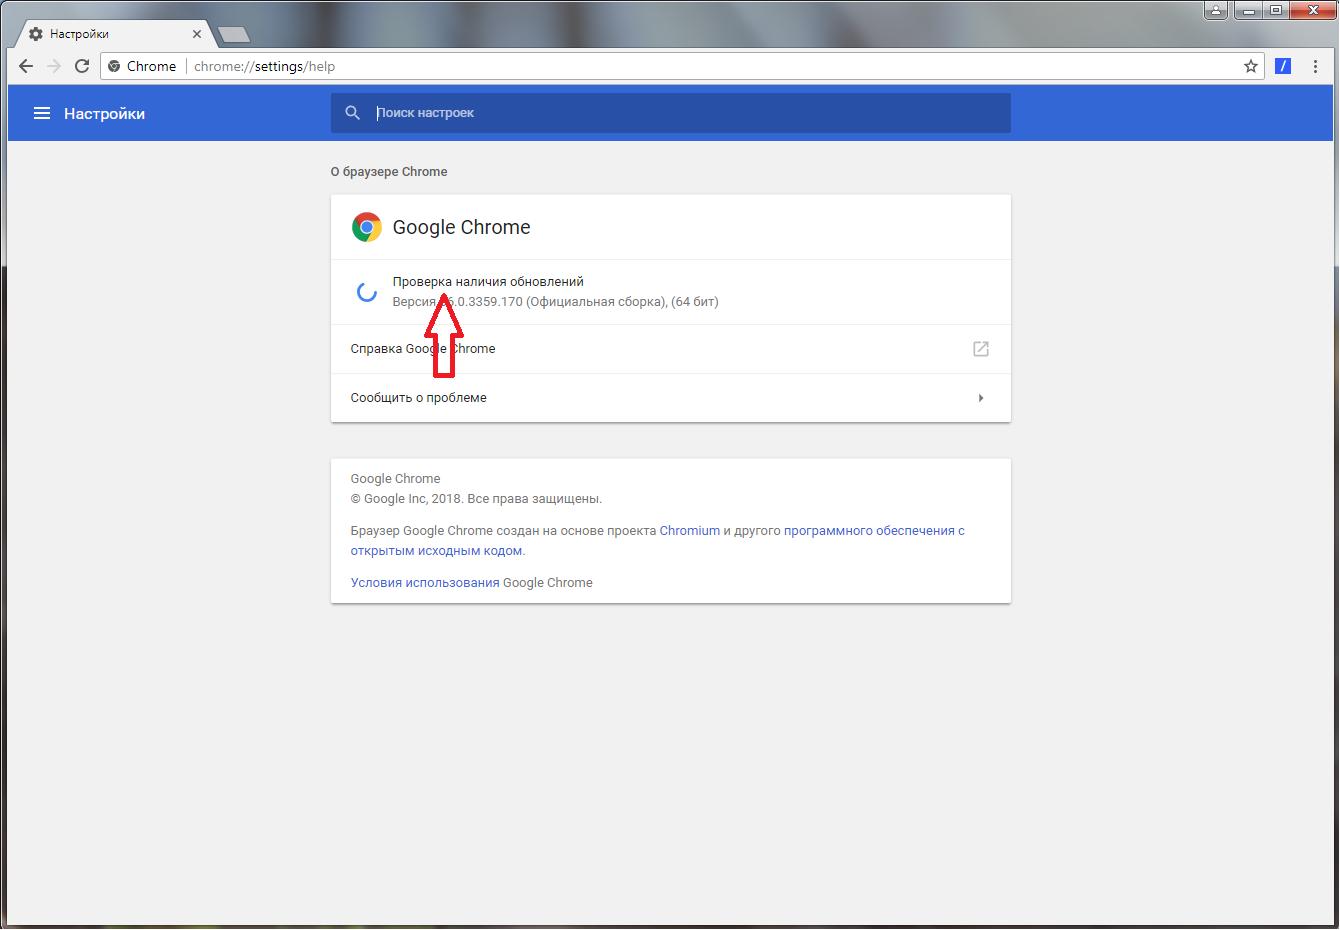 Обновление Google Chrome - Помощь по почте